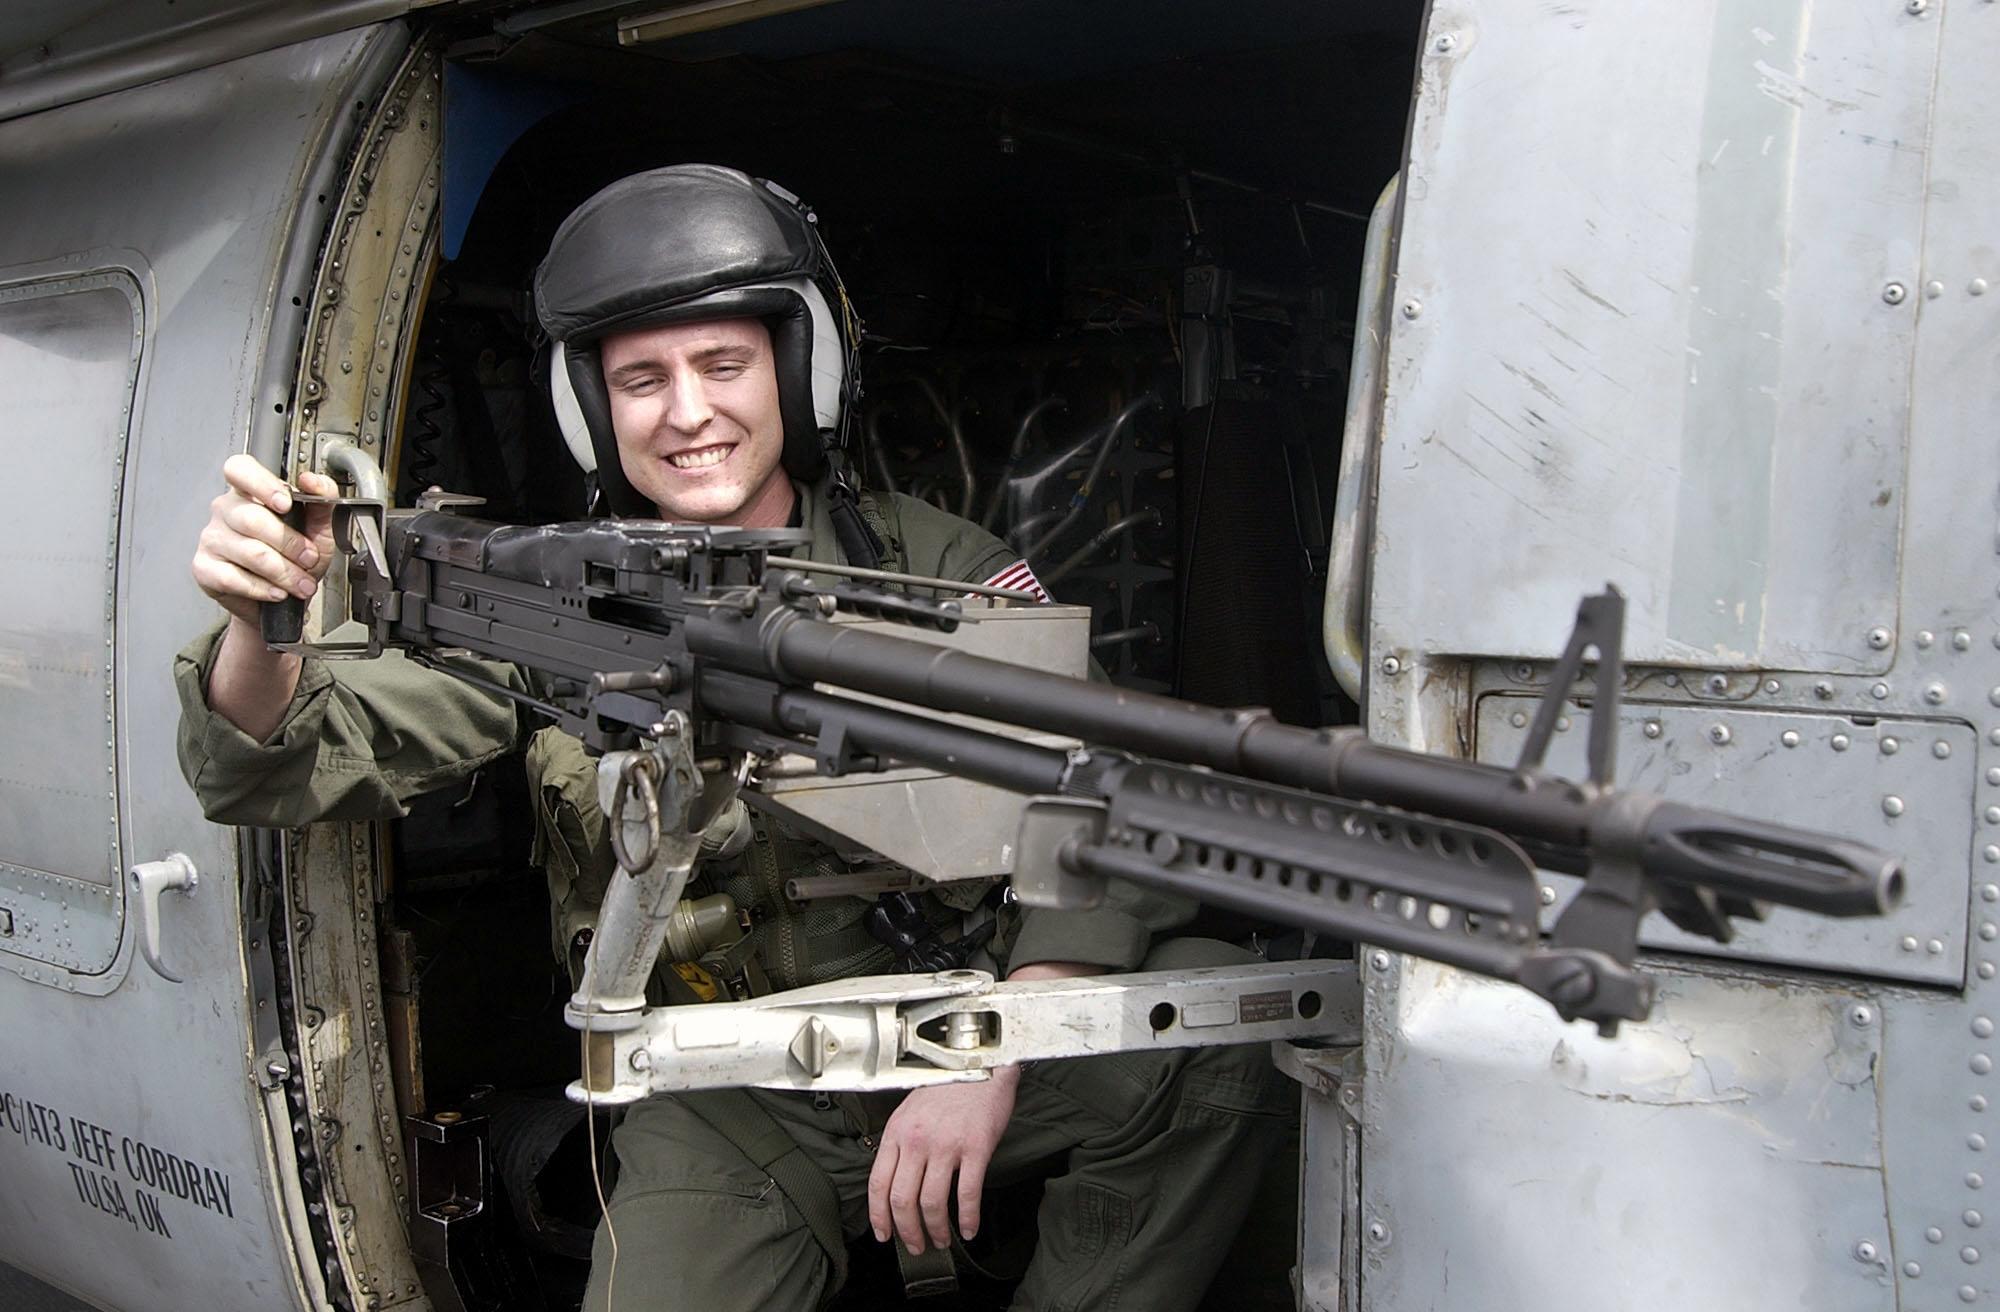 Resultado de imagen para m-60 machine gun